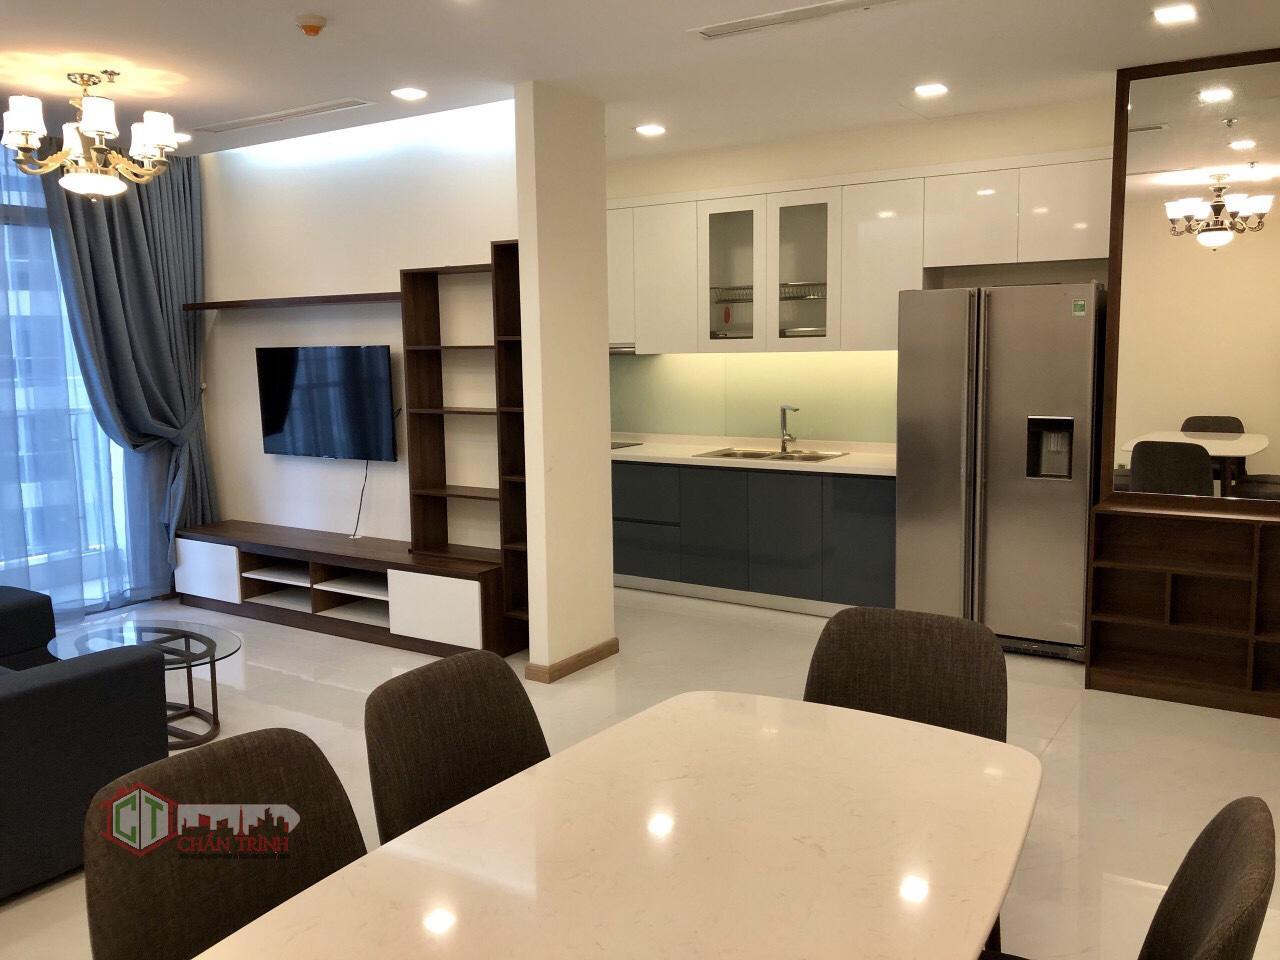 Phòng khách + bếp căn hộ 2 phòng ngủ - Park 3 Vinhomes Central Park